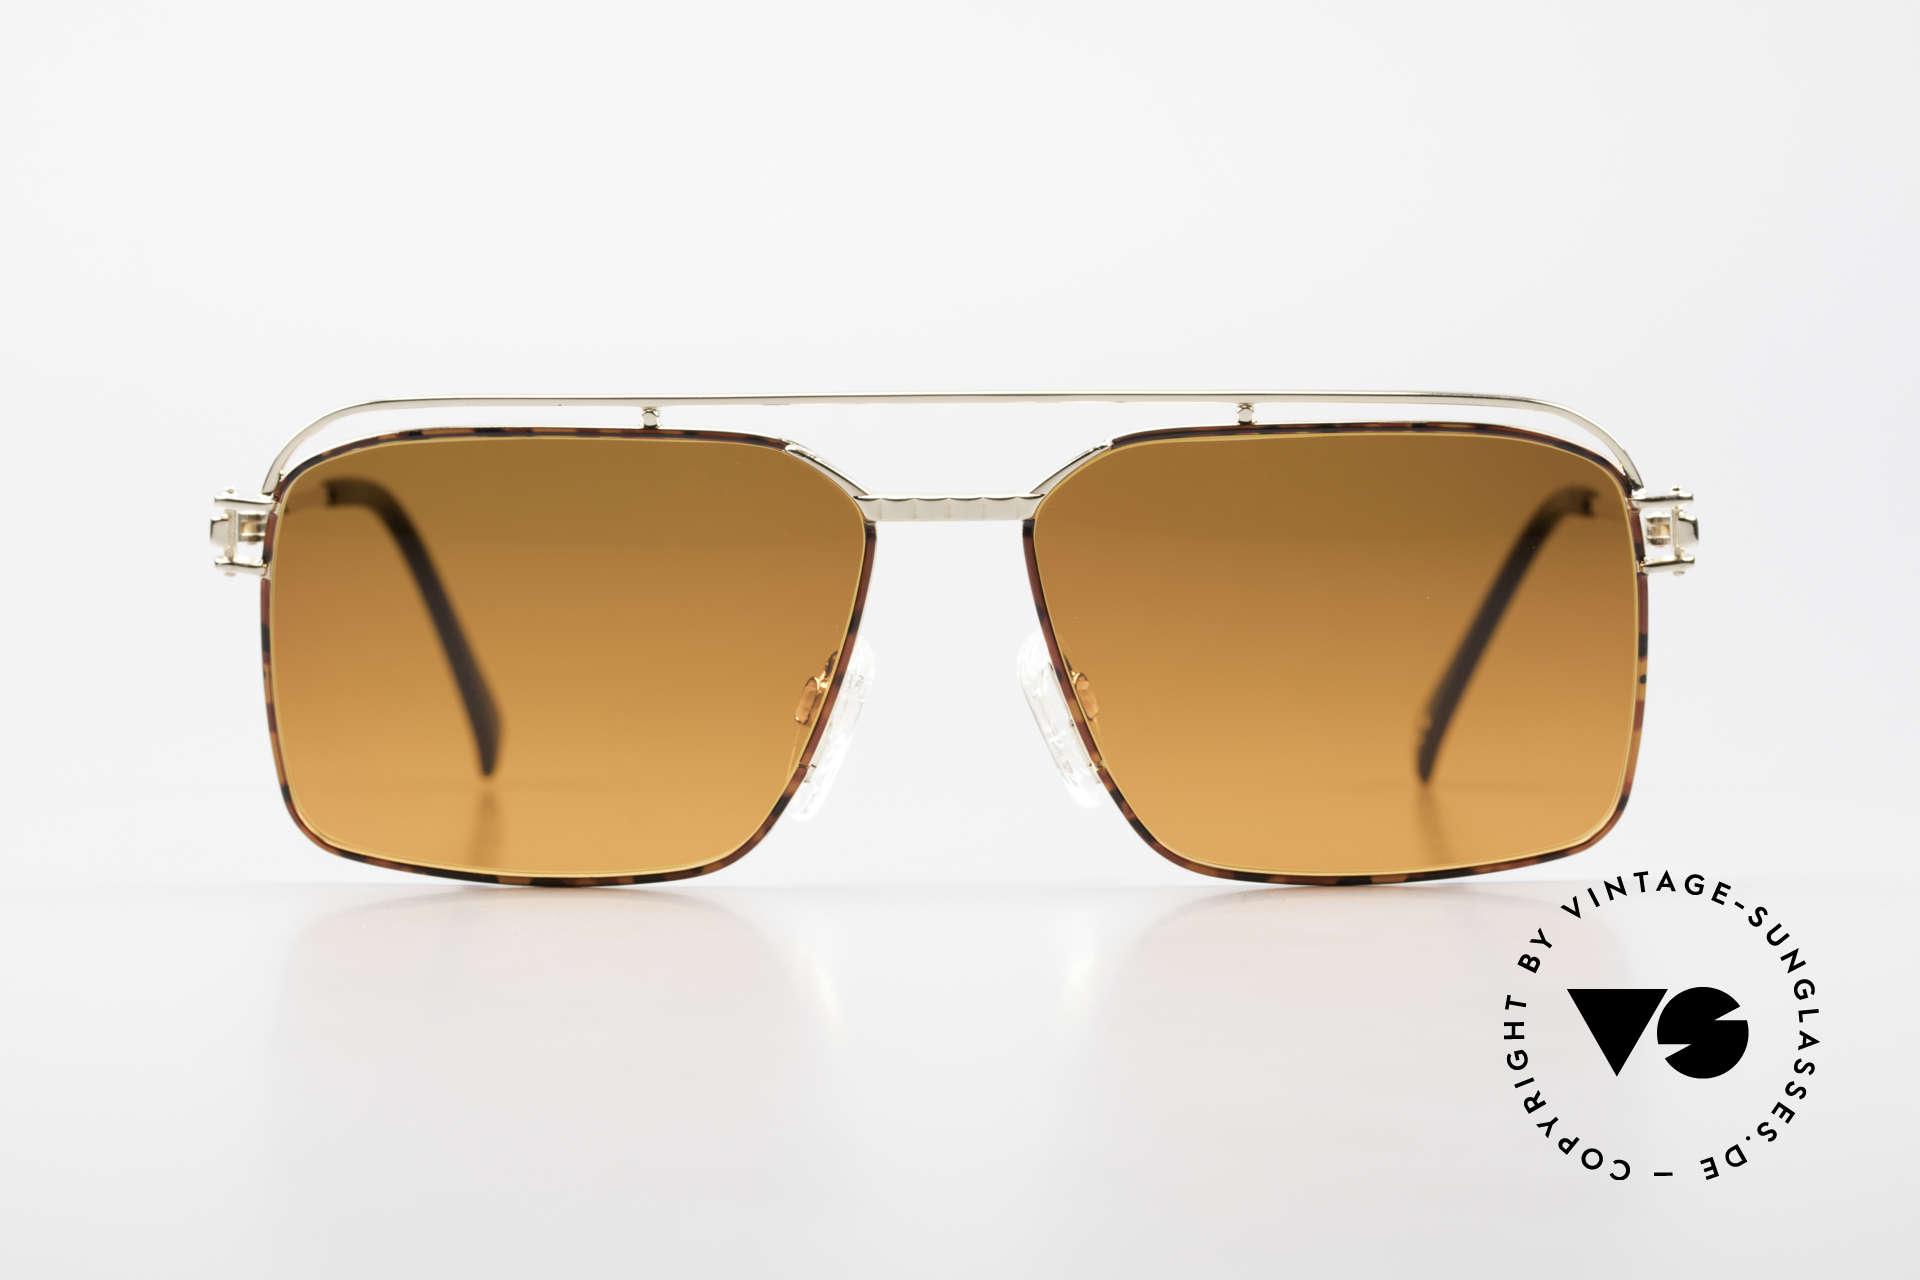 Neostyle Dynasty 424 - L 80er Herrensonnenbrille Titan, herausragende Spitzenqualität (Titan-Fassung), Passend für Herren